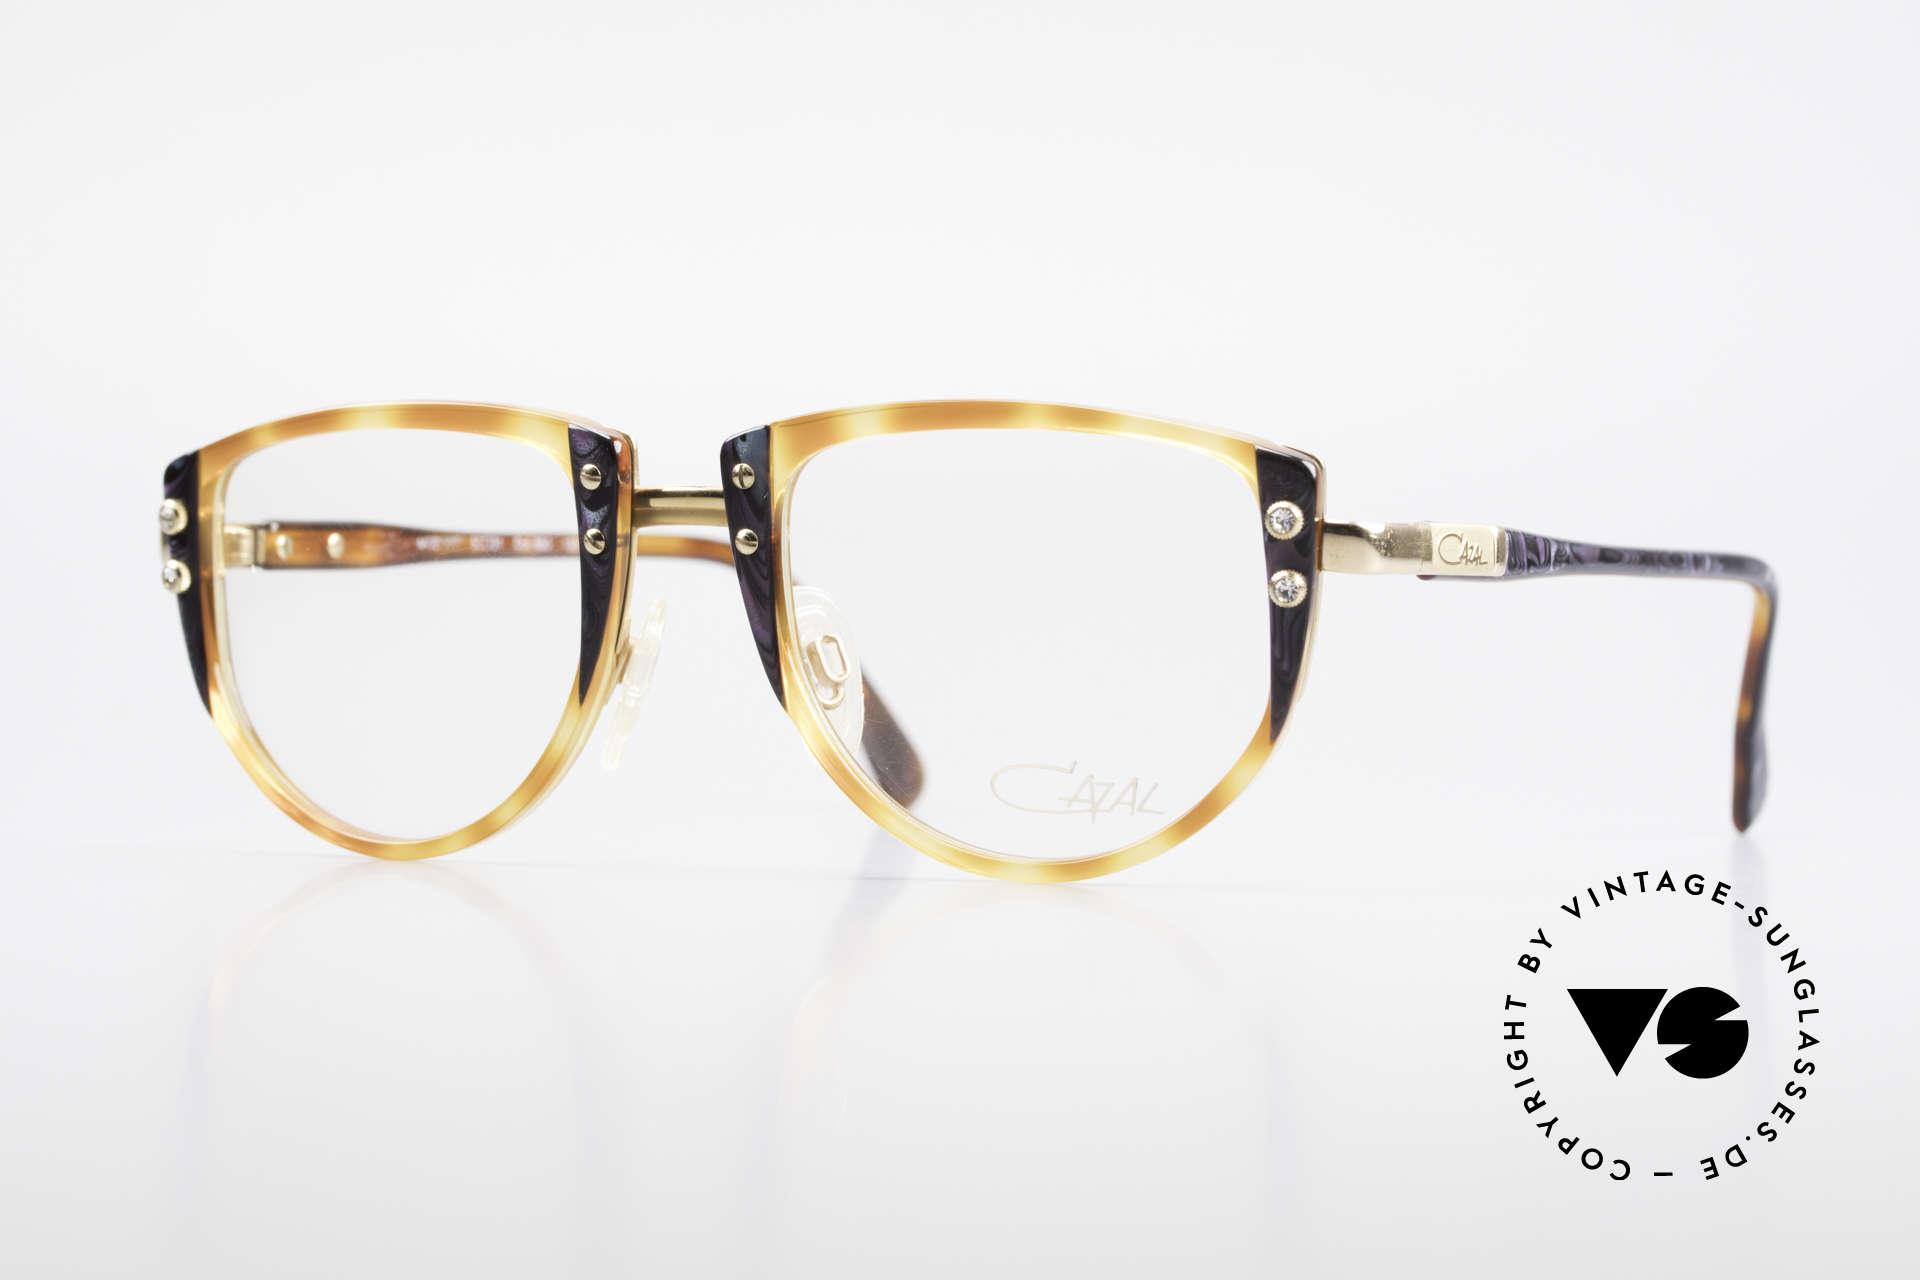 Cazal 332 90er Vintage Cazal Brille OG, reizende 90er Cazal vintage Designer-Damenbrille, Passend für Damen